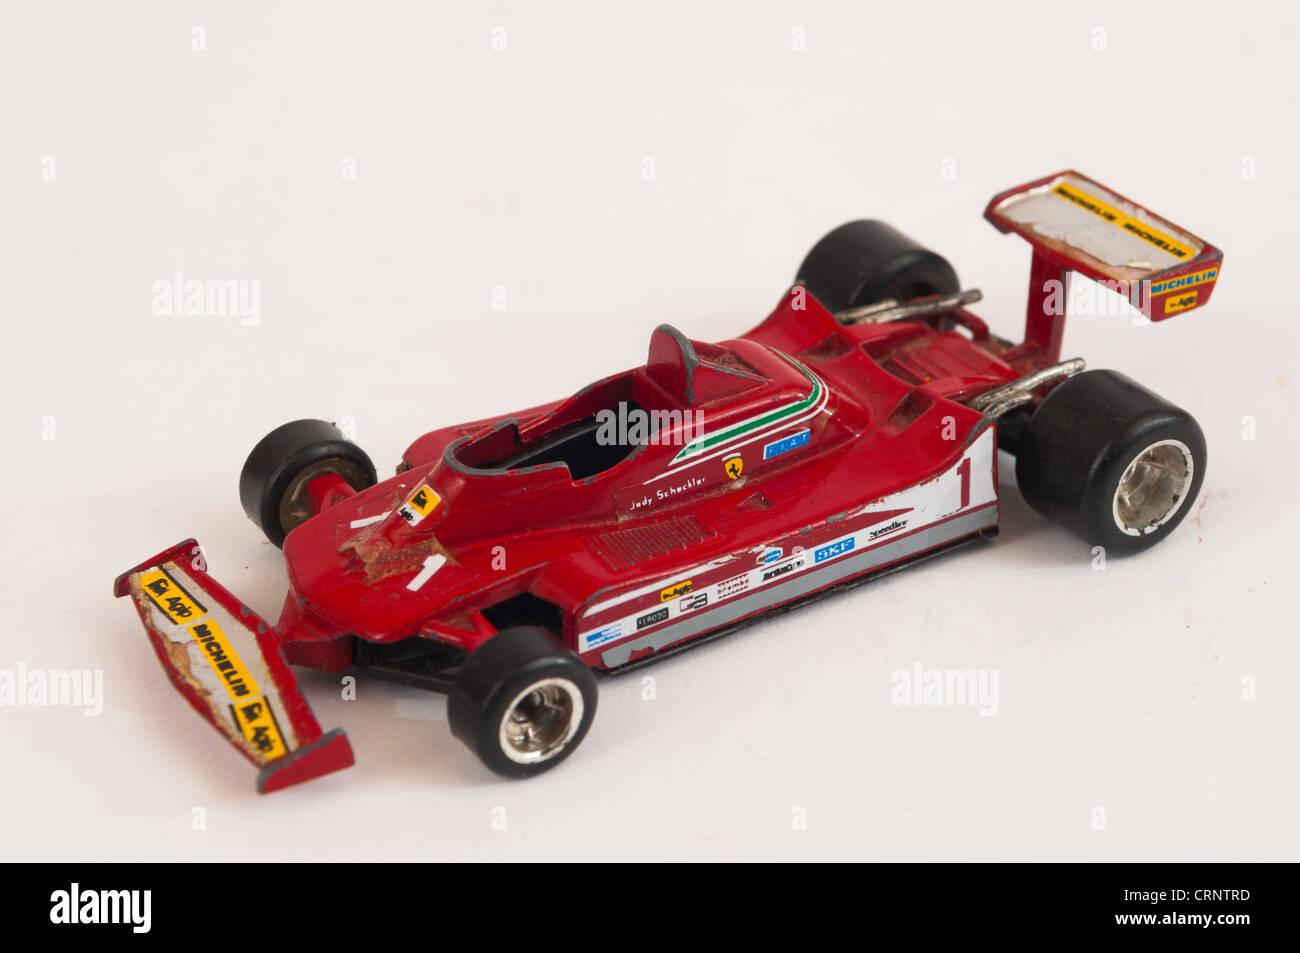 Polistil Jody Schekler F1 Ferrari Toy Model - Stock Image